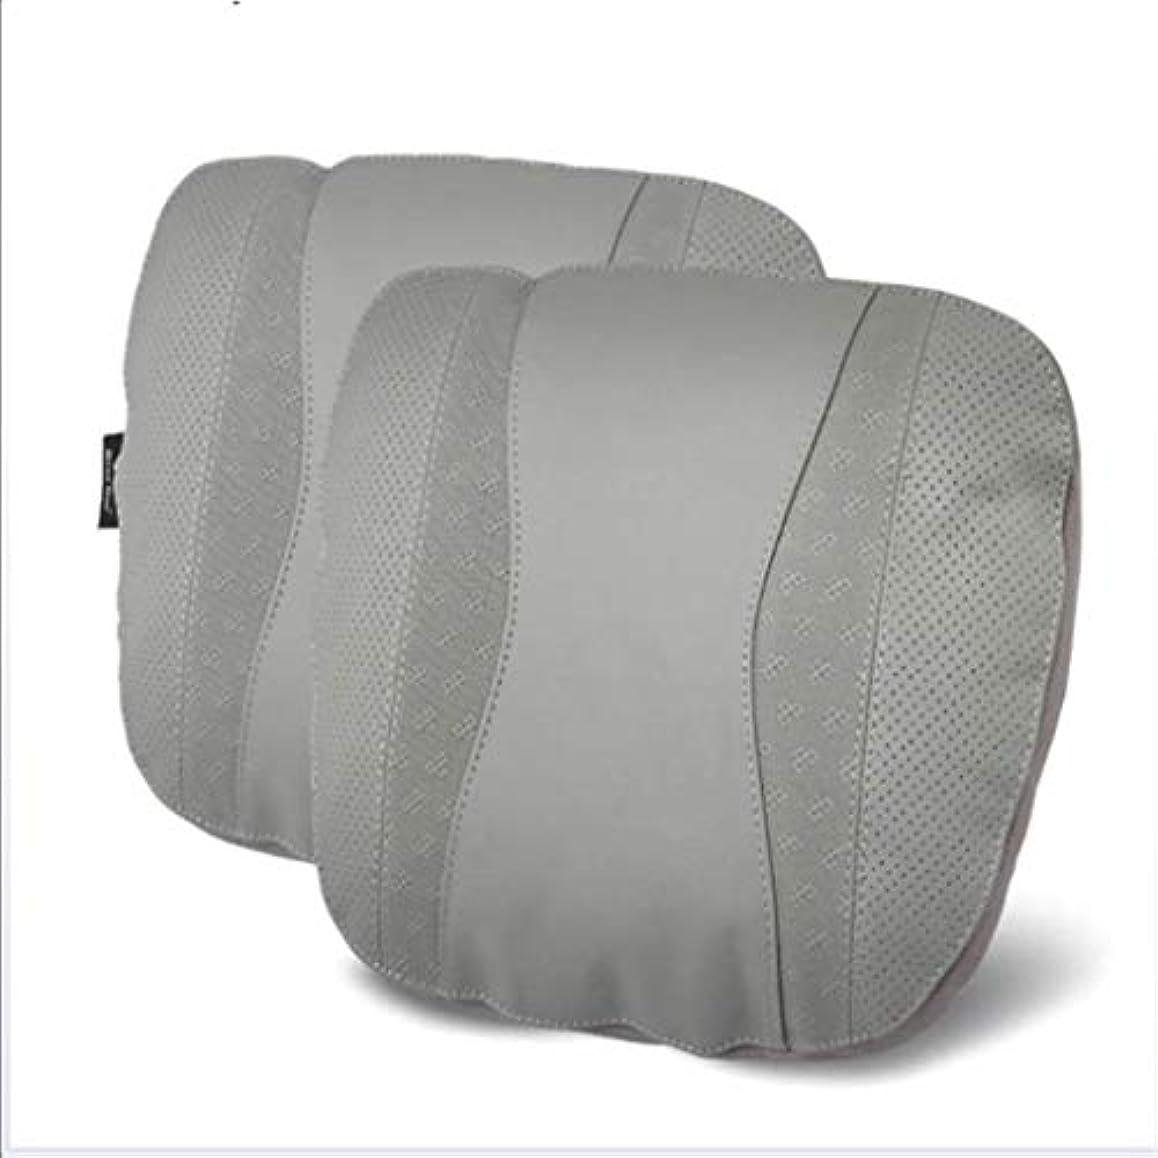 住居ウェイドベストネックピロー、カーシートネックピロー、トラベルピローネックパッド、カーネックピローサポートピローとして使用、航空機のネックピロー、首の疲れを和らげる (Color : Gray)